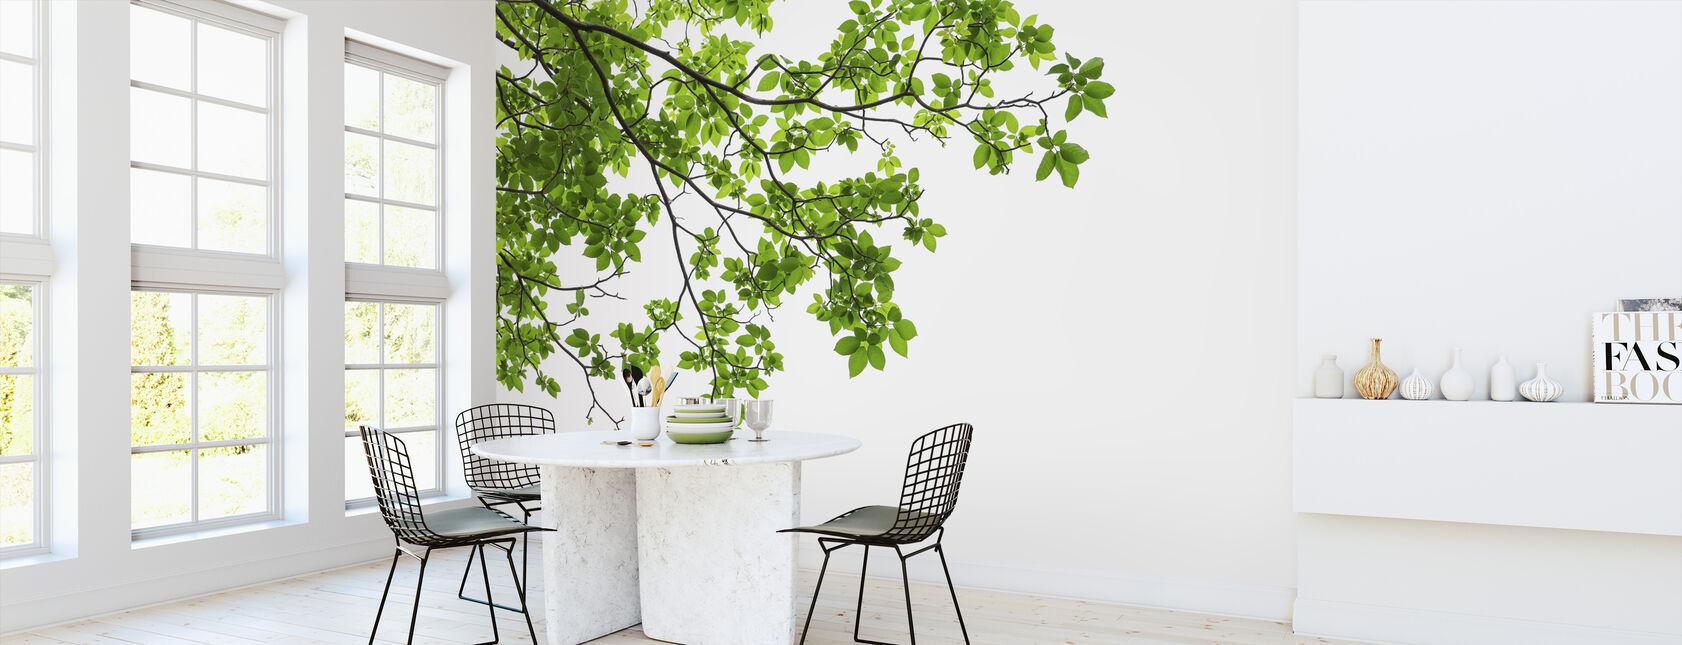 Blad och grenar av träd - Tapet - Kök